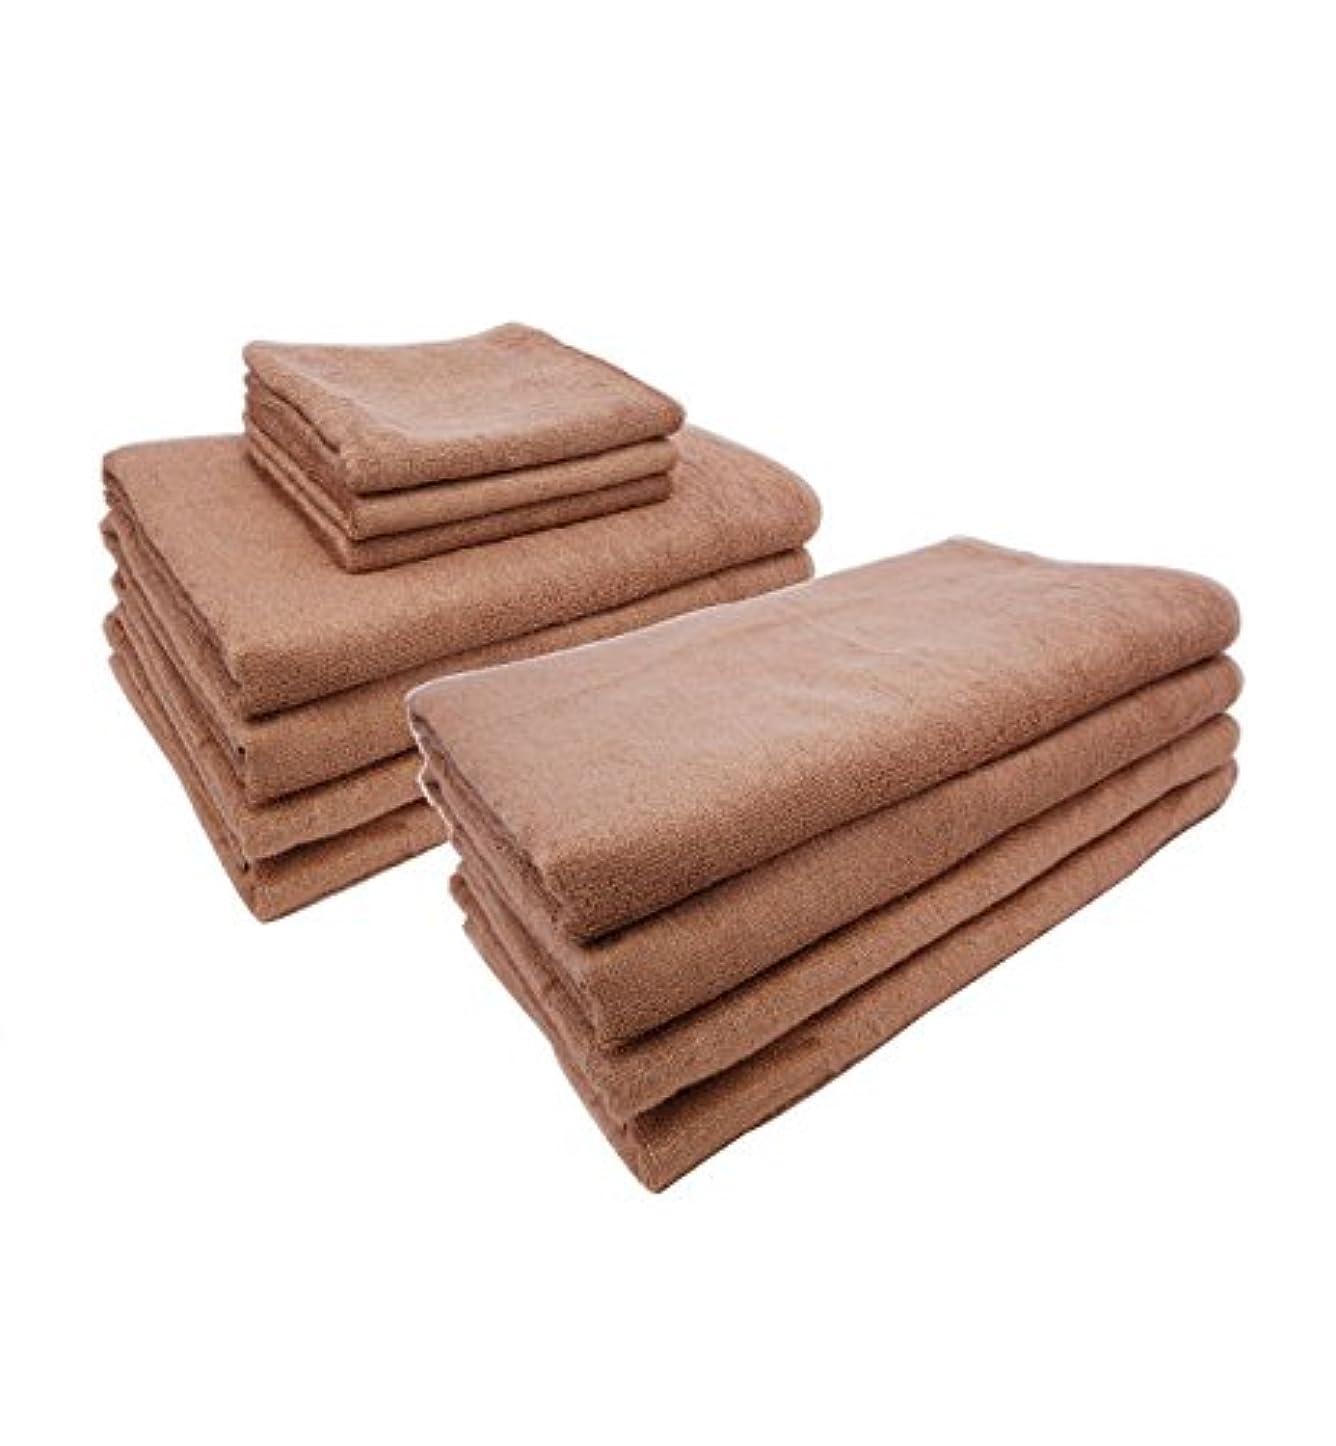 くすぐったい魅惑的な支出まとめ売り やわらか バンブー 竹繊維 タオルシーツ (ソフトベージュ 10枚) 110×210cm 竹タオル 業務用タオル